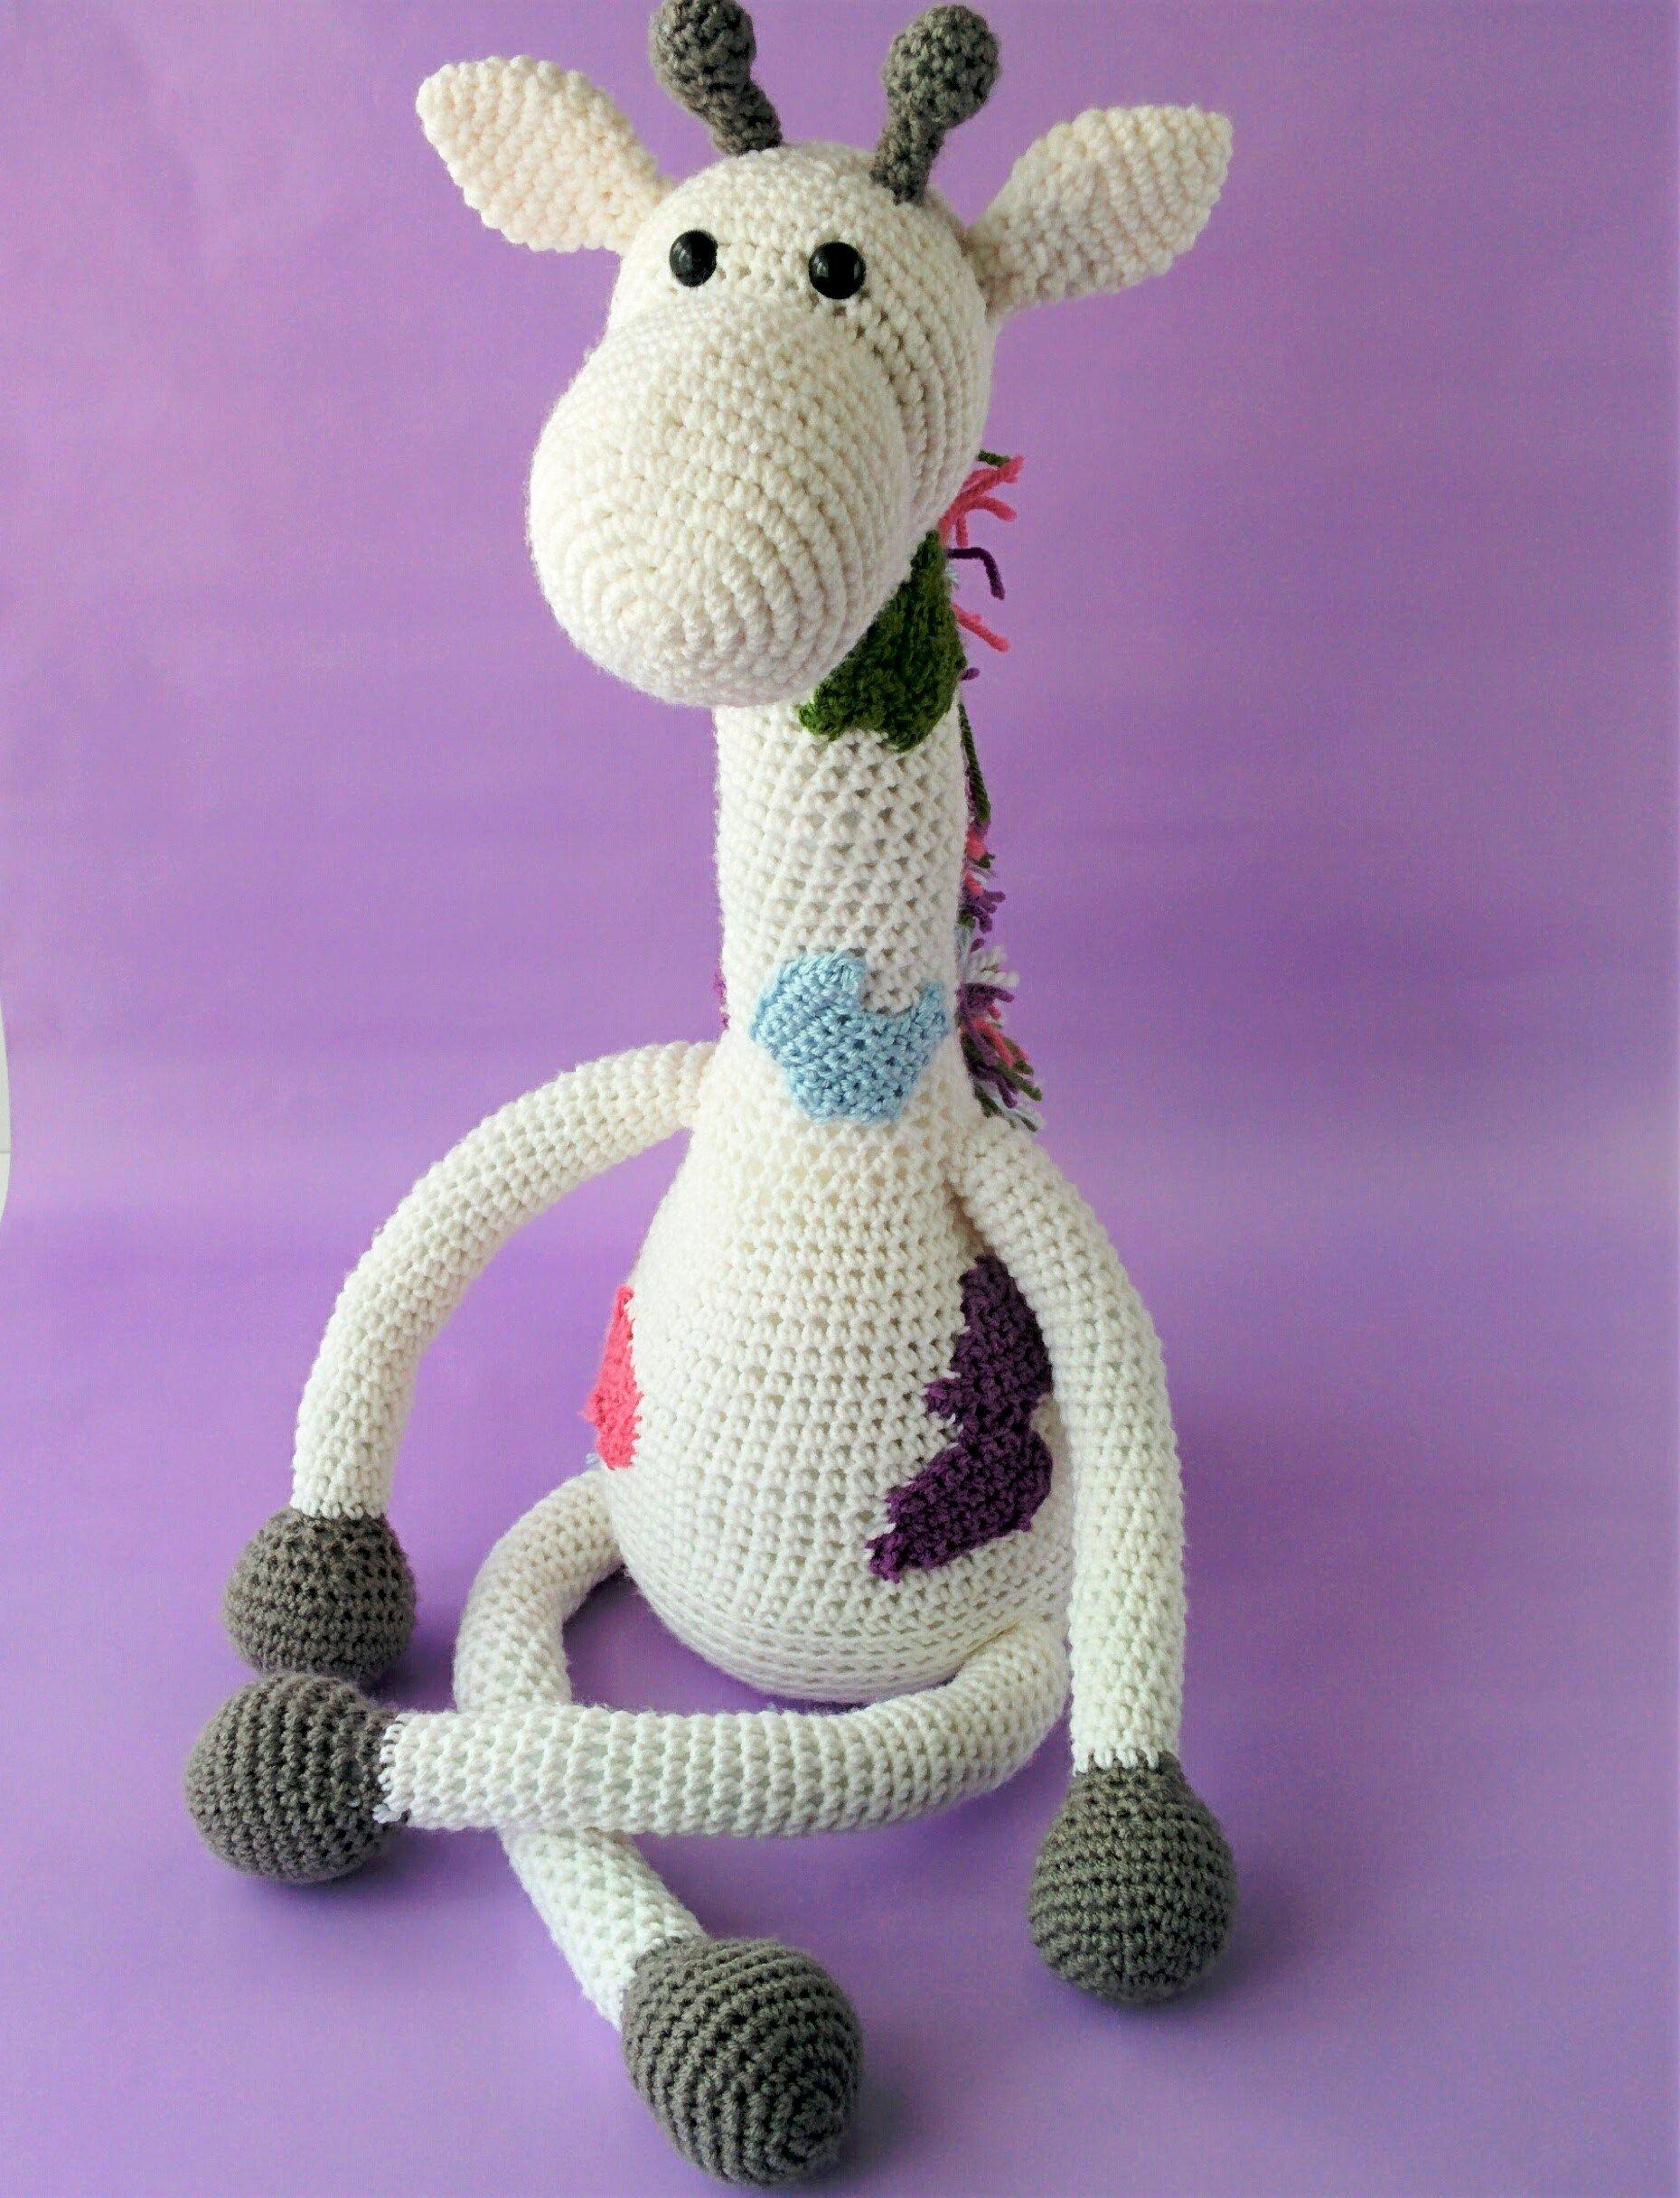 Crochet Giraffe Plushie FREE Pattern | Giraffe, Crochet and Patterns